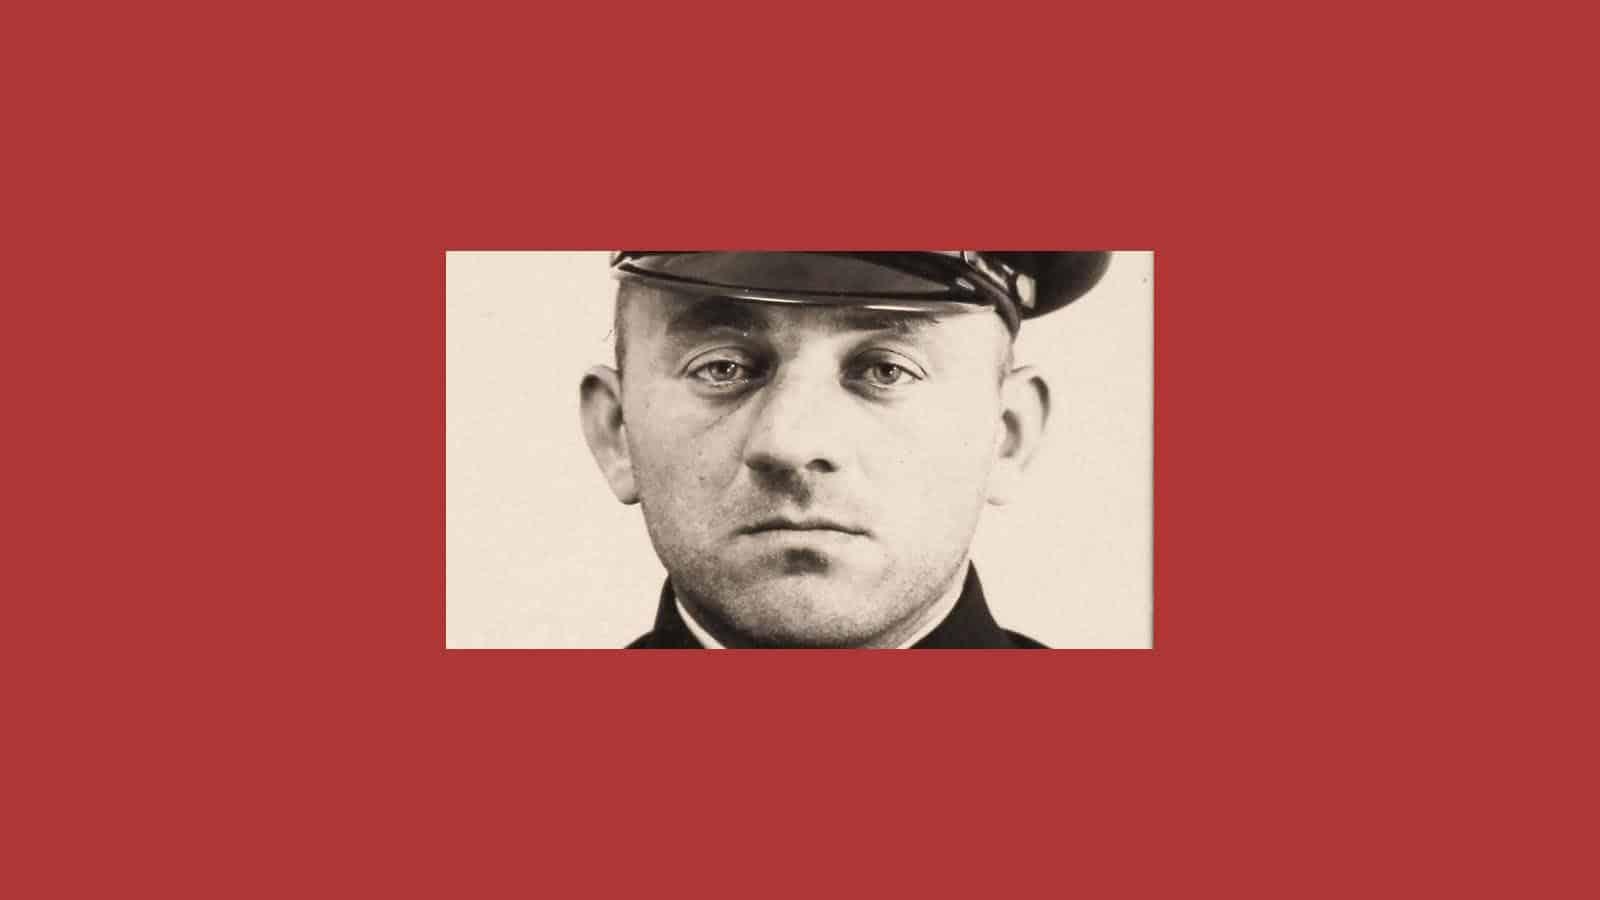 Paul Ogorzow - The S-Bahn Murderer